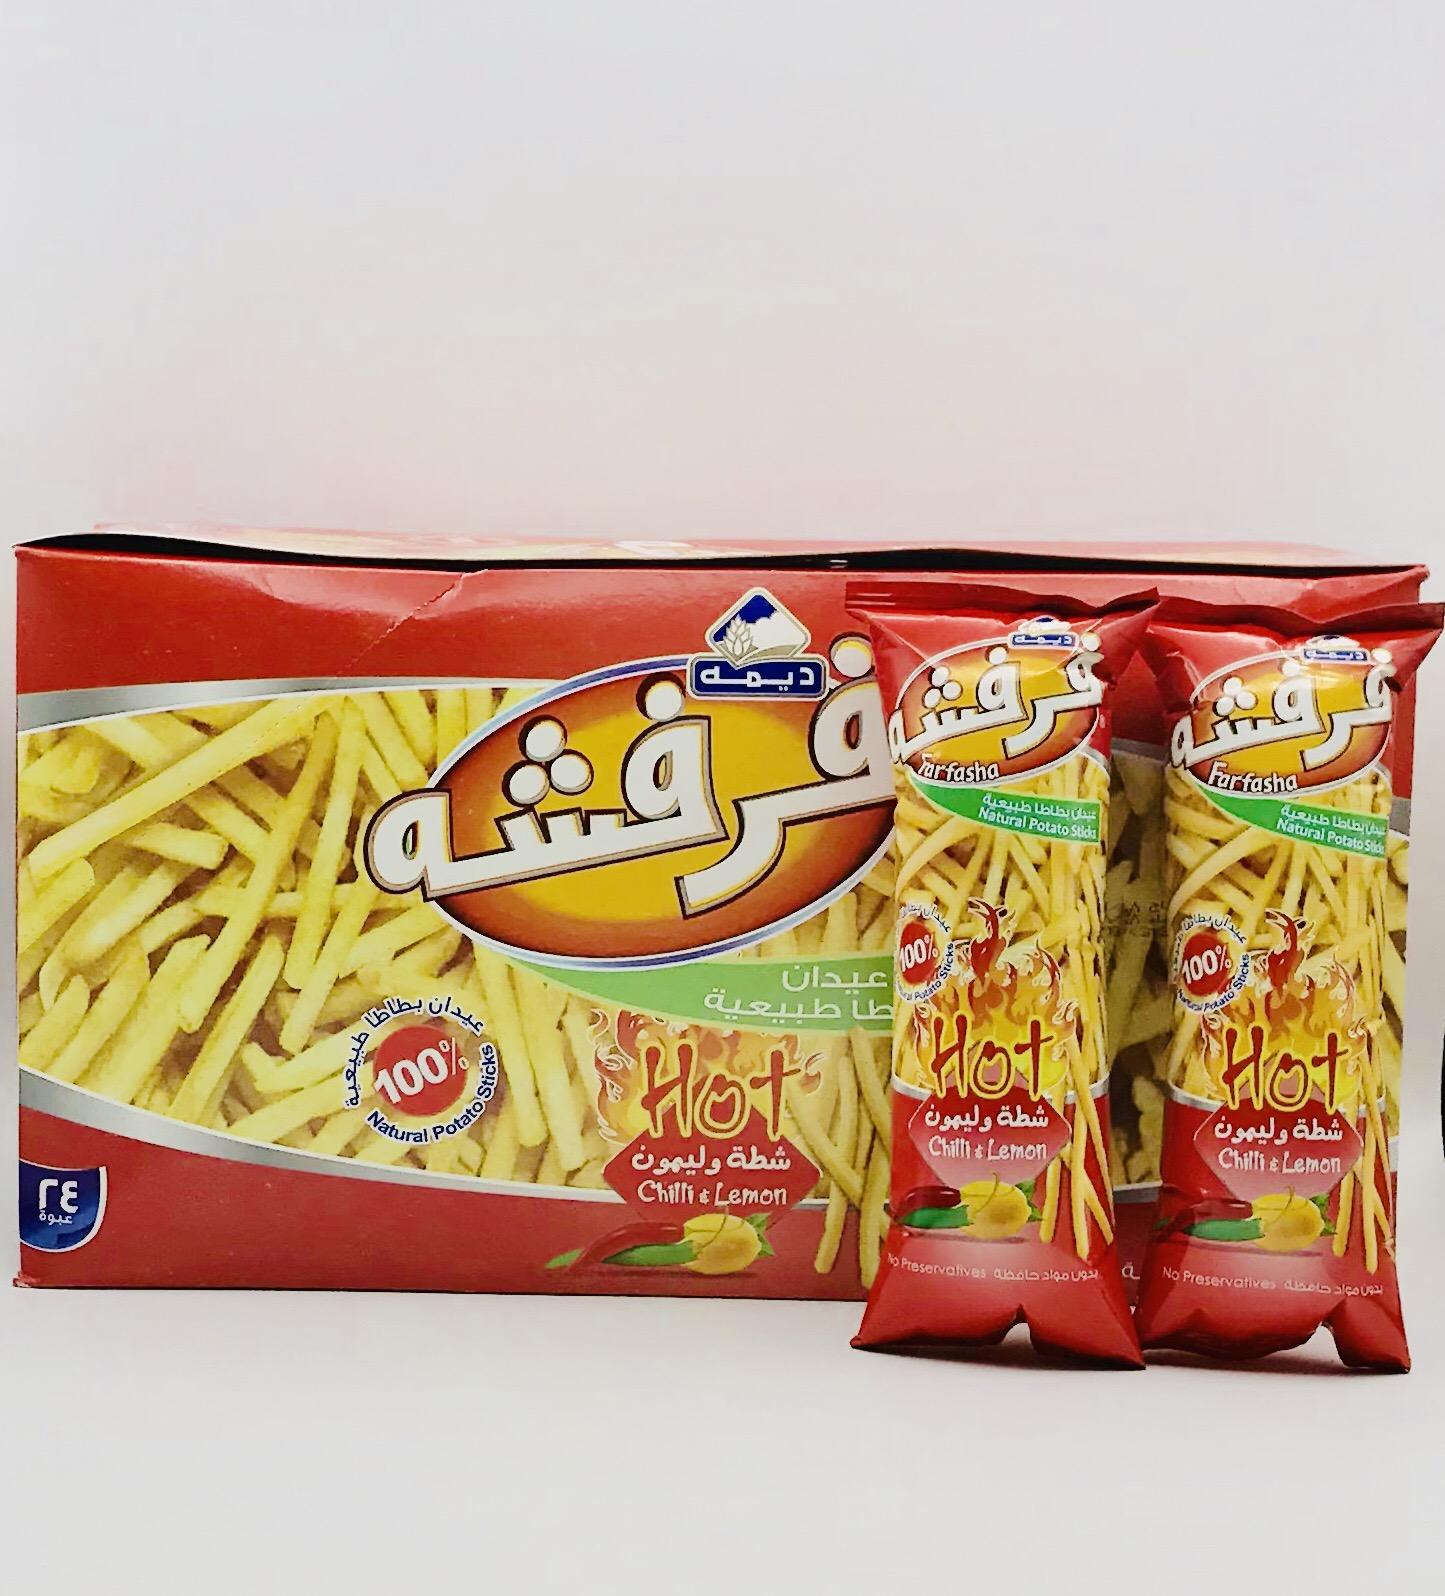 عيدان بطاطس فرفشه ديمة شطة وليمون 6 24 متجر سارونا